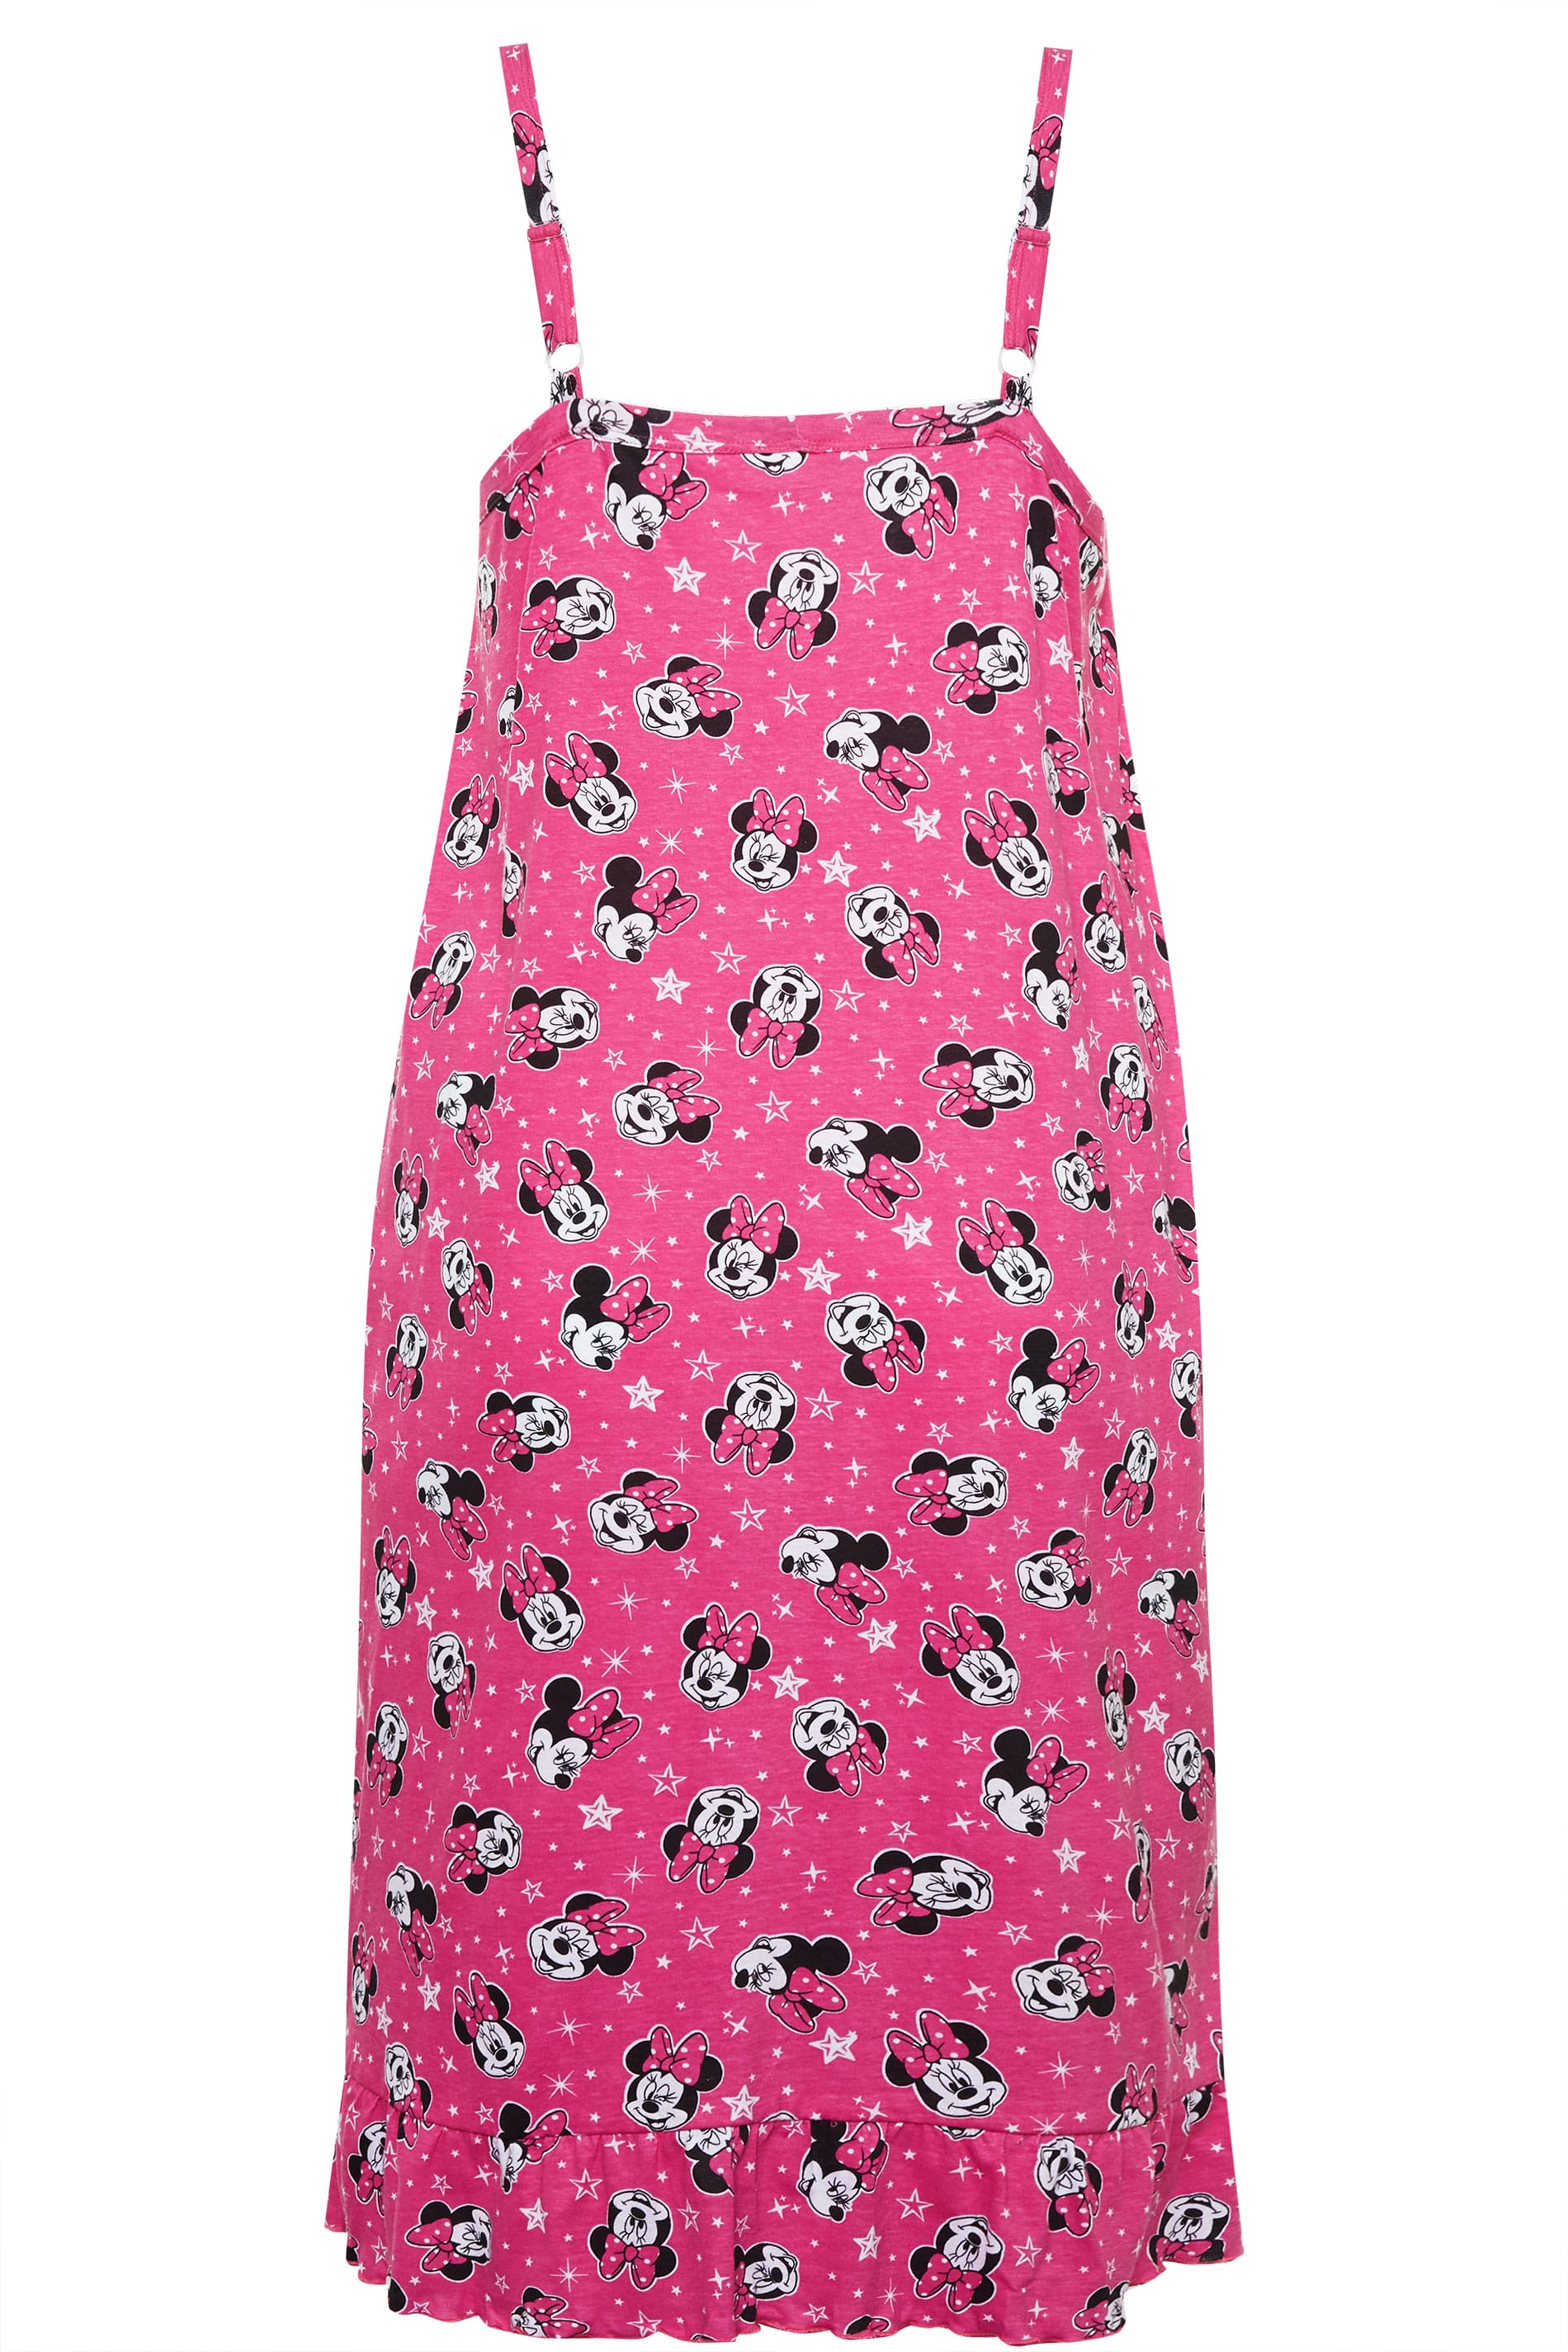 Różowa koszula nocna z Myszką Minnie, Disney, damskie duże